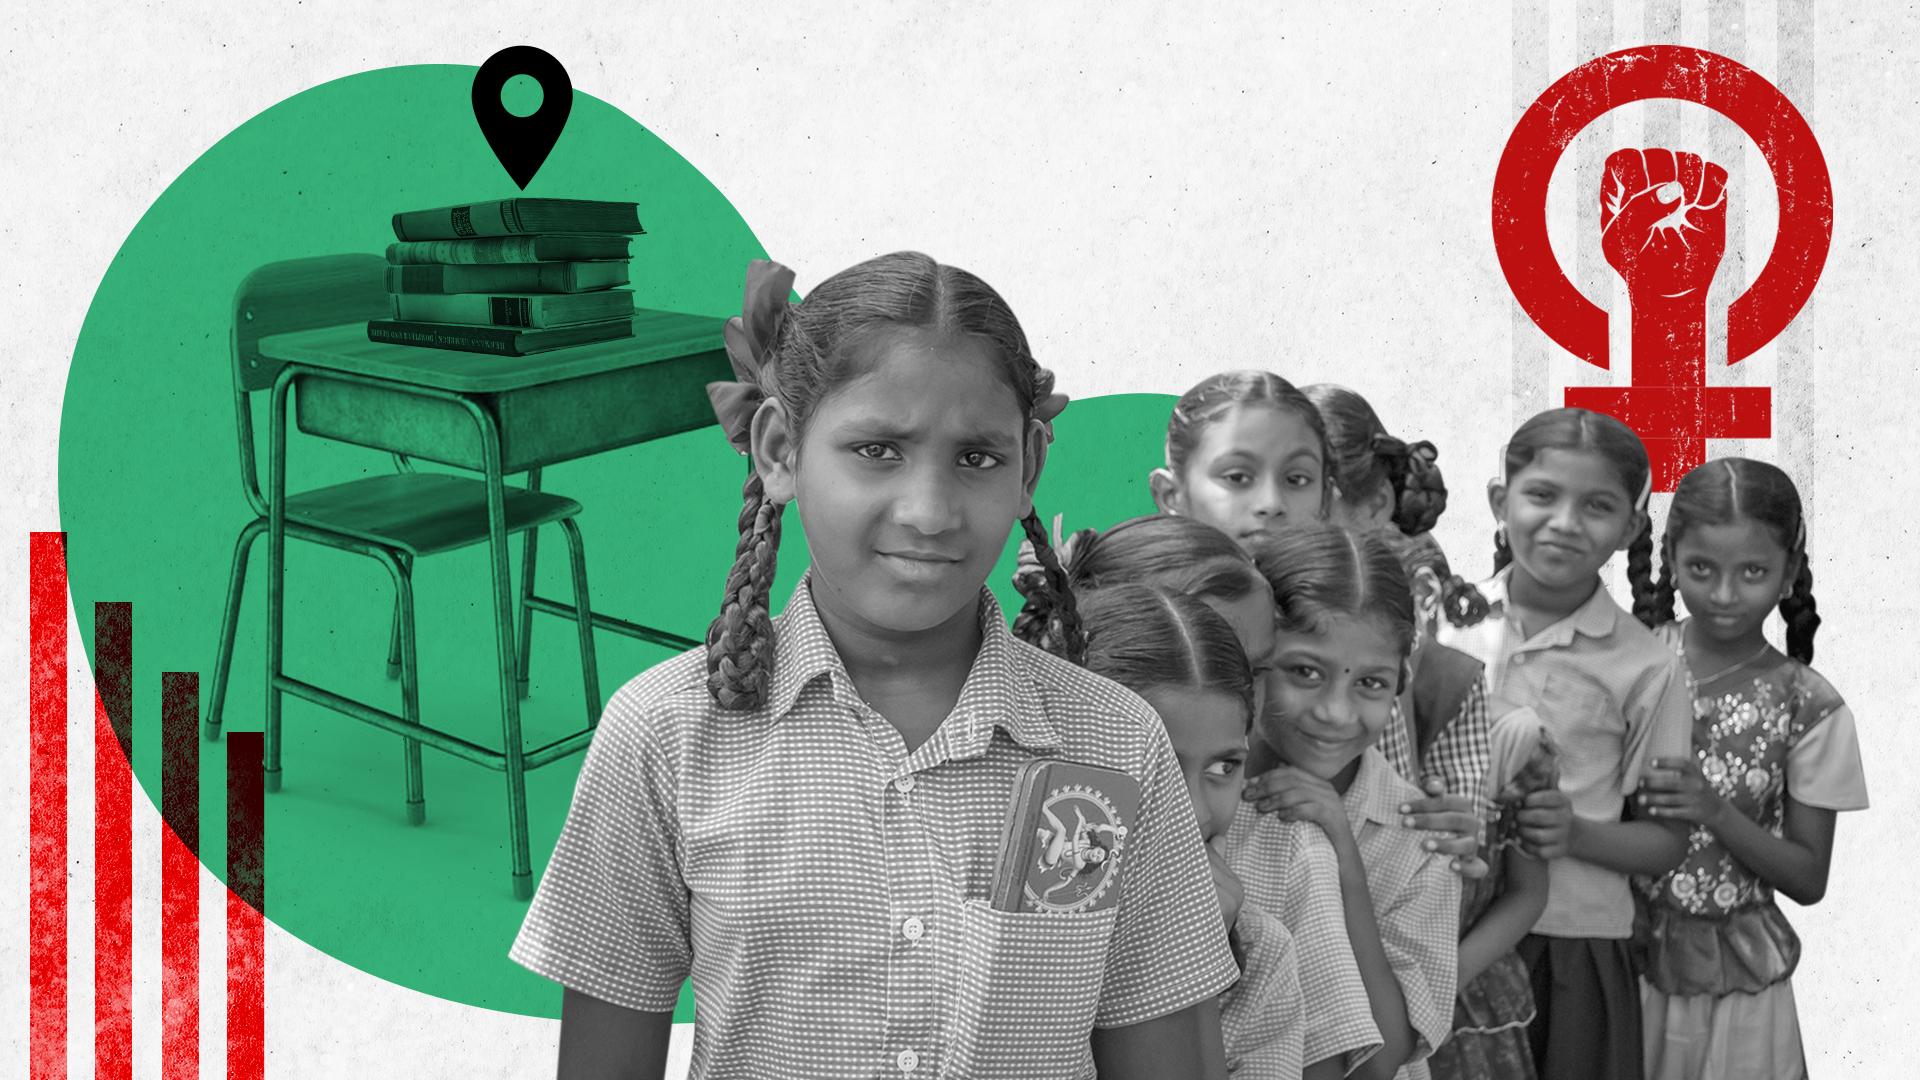 Apostar a la educación de las niñas para reducir la pobreza, una de las lecciones de Bangladesh